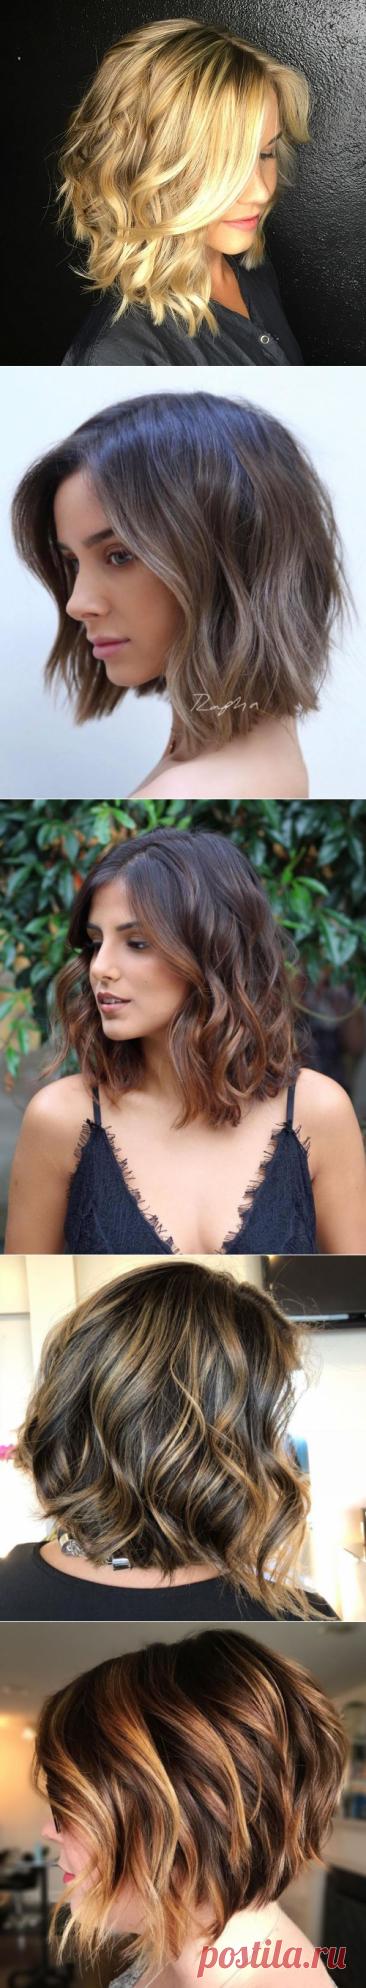 Волнистый Боб – стрижка, которая добавит женственности и привлекательности | Новости моды